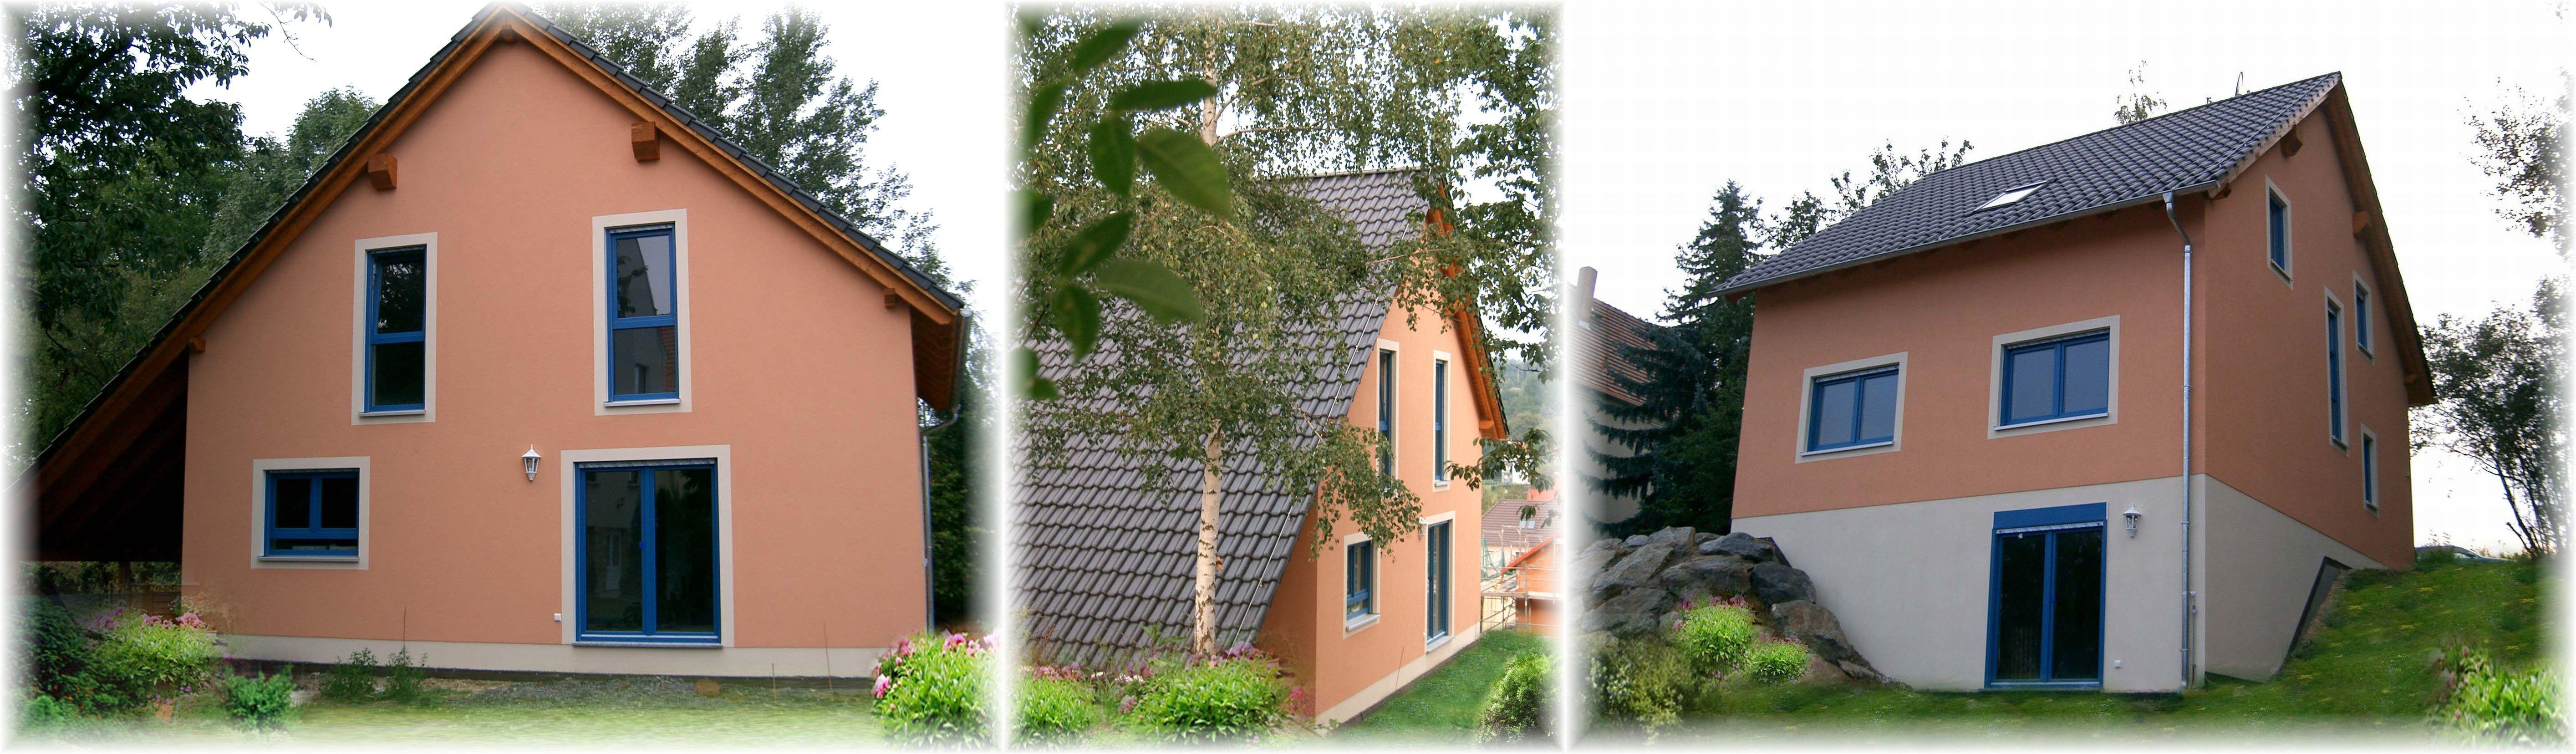 Bezaubernd Welche Fassadenfarbe Passt Zu Braunen Fenstern Sammlung Von Referenz